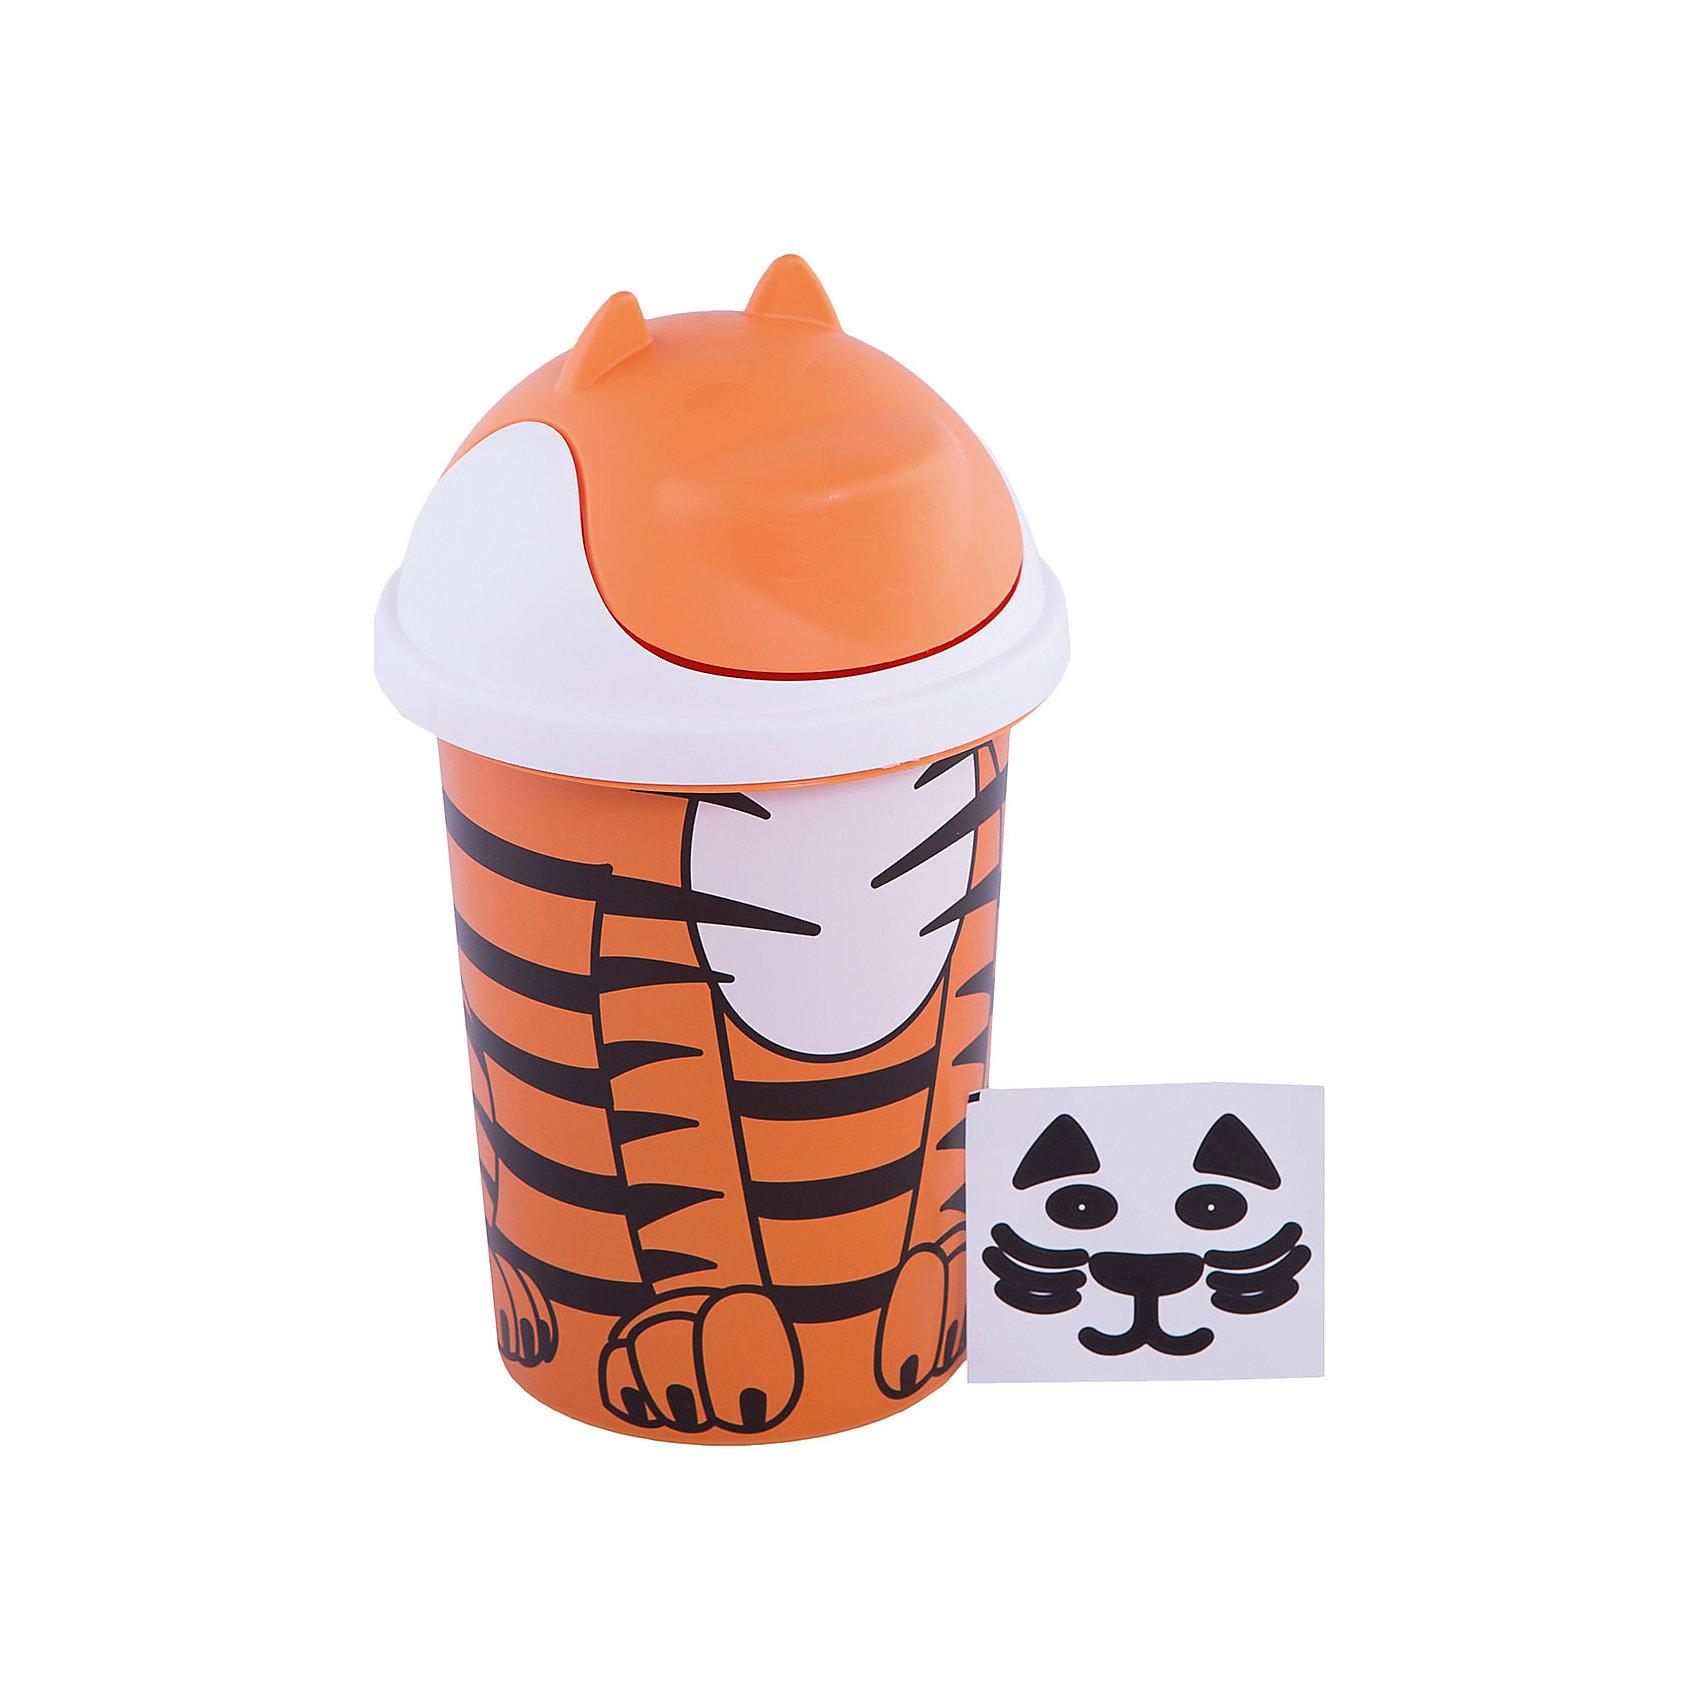 Корзина для игрушек 10 л. Jungle, Little Angel, оранжевыйПорядок в детской<br>Корзина для игрушек 10 л. Jungle, Little Angel, оранжевый изготовлена отечественным производителем . Выполненная из высококачественного пластика, устойчивого к внешним повреждениям и изменению цвета, корзина станет не только необходимым предметом для хранения детских игрушек и принадлежностей, но и украсит детскую комнату своим ярким дизайном. Корзина выполнена в форме забавного тигренка с откидывающейся круглой крышкой, которая имитирует мордочку животного.<br>Компактный размер идеально подходит для хранения детских игрушек в небольших помещениях. <br>Корзина для игрушек 10 л. Jungle, Little Angel, оранжевый  достаточно прост в уходе, его можно протирать влажной губкой или мыть в теплой воде. <br><br>Дополнительная информация:<br><br>- Предназначение: для дома<br>- Цвет: оранжевый, черный<br>- Пол: для мальчика/для девочки<br>- Материал: пластик<br>- Размер (Д*Ш*В): 27*27*44 см<br>- Объем: 12 л<br>- Вес: 464 г<br>- Особенности ухода: разрешается мыть теплой водой<br><br>Подробнее:<br><br>• Для детей в возрасте: от 2 лет и до 7 лет<br>• Страна производитель: Россия<br>• Торговый бренд: Little Angel<br><br>Корзину для игрушек 10 л. Jungle, Little Angel, оранжевый  можно купить в нашем интернет-магазине.<br><br>Ширина мм: 270<br>Глубина мм: 270<br>Высота мм: 440<br>Вес г: 464<br>Возраст от месяцев: 24<br>Возраст до месяцев: 84<br>Пол: Унисекс<br>Возраст: Детский<br>SKU: 4881789